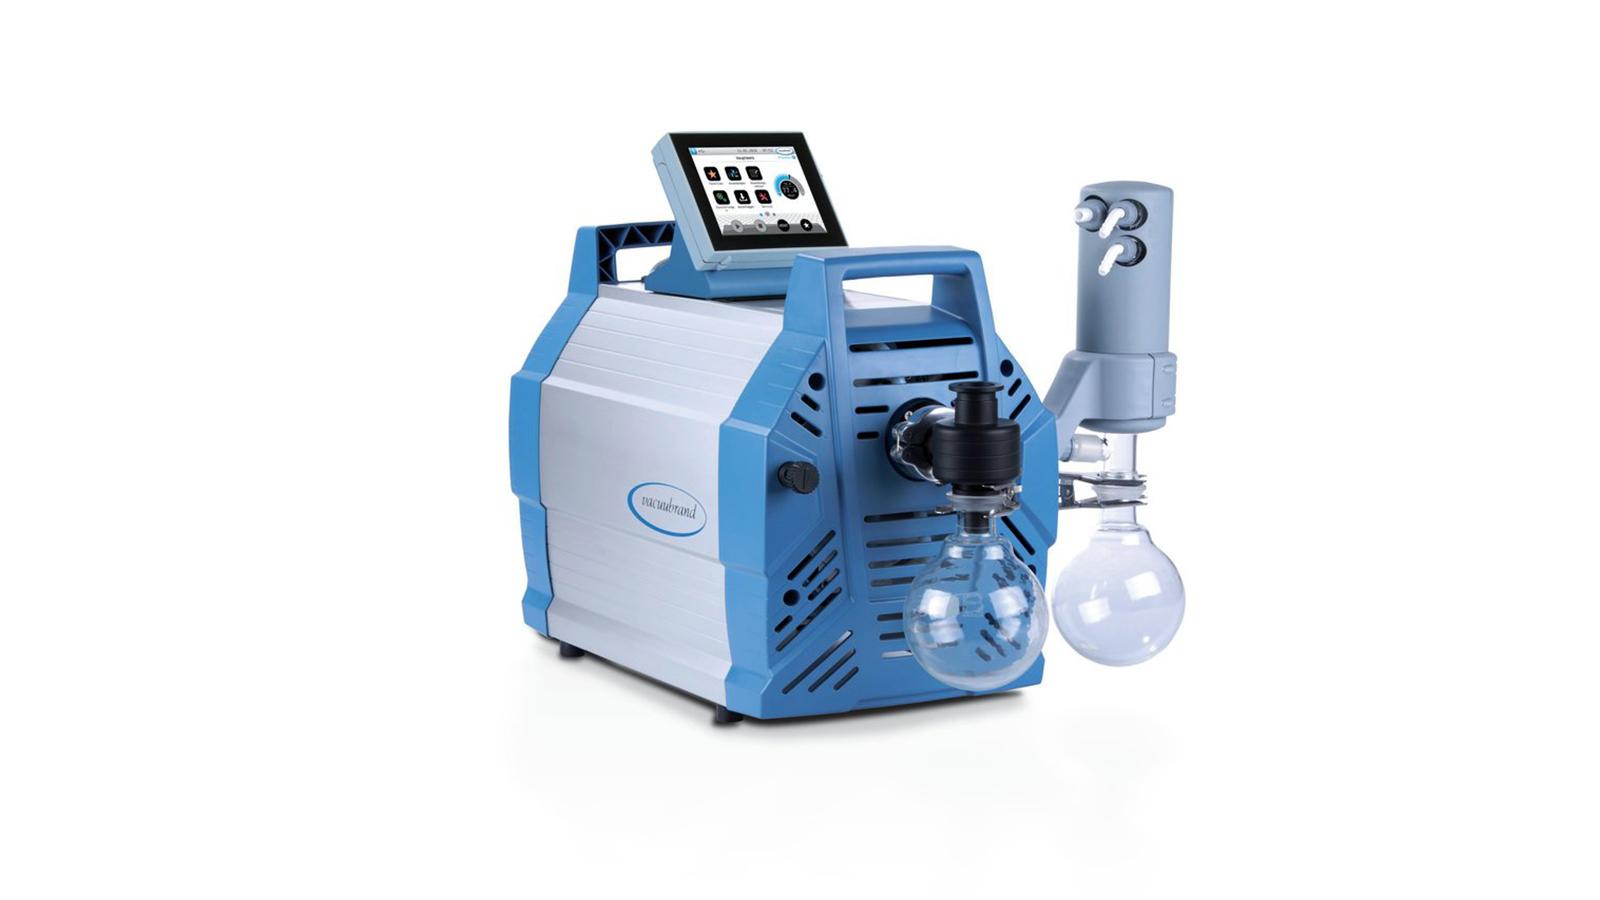 Vacuubrand Pc 3010 Varıo Select || Merlab Laboratuvar Ekipmanları